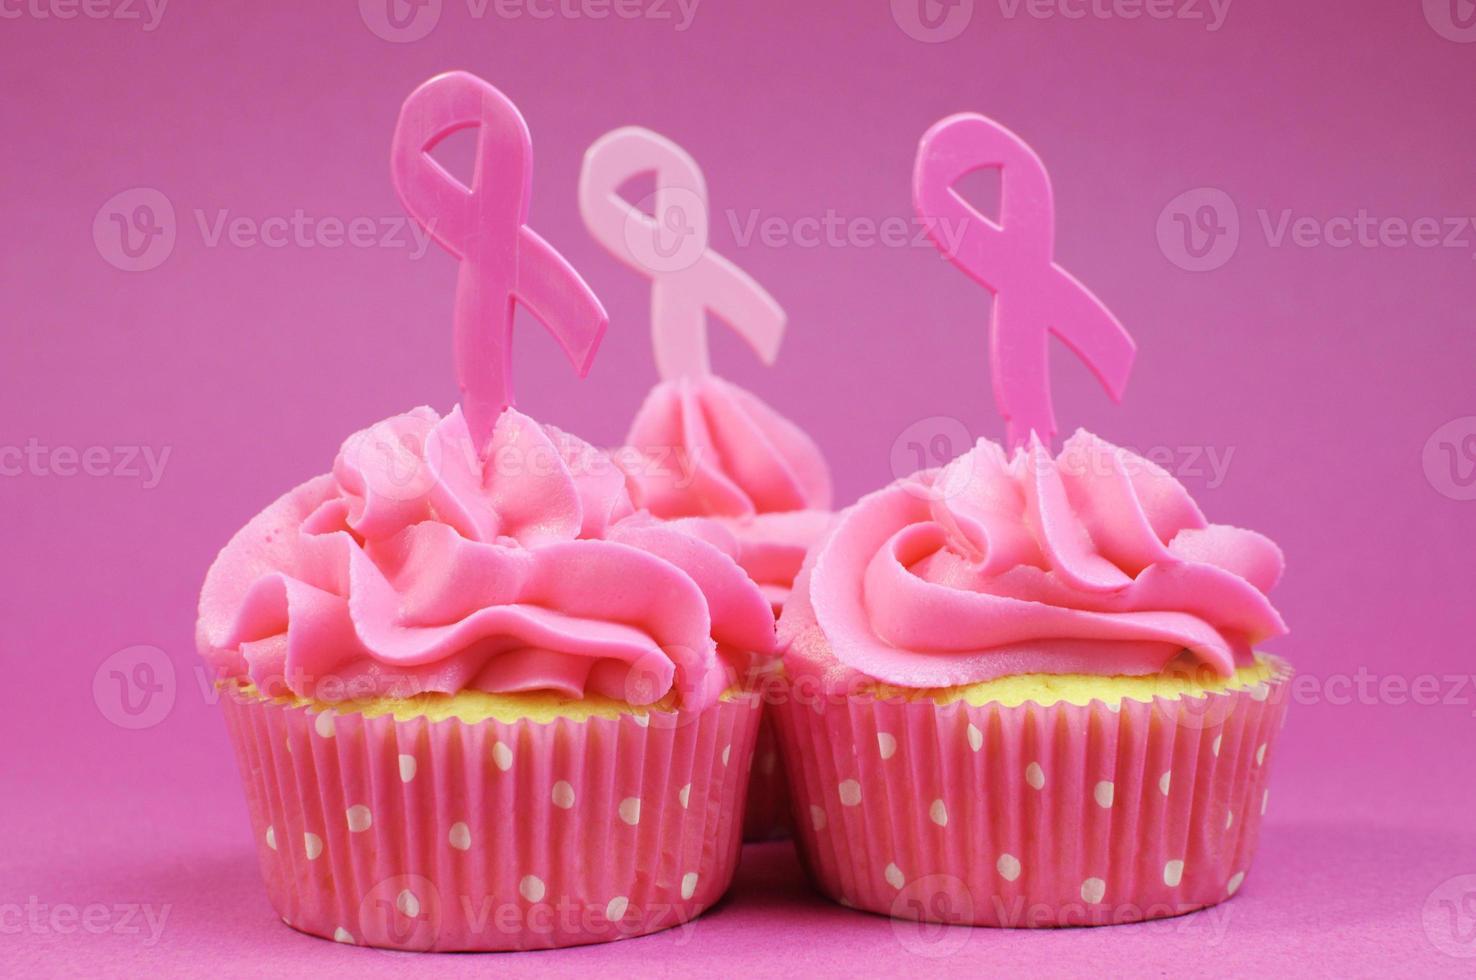 rosa band välgörenhet cupcakes på nära håll. foto